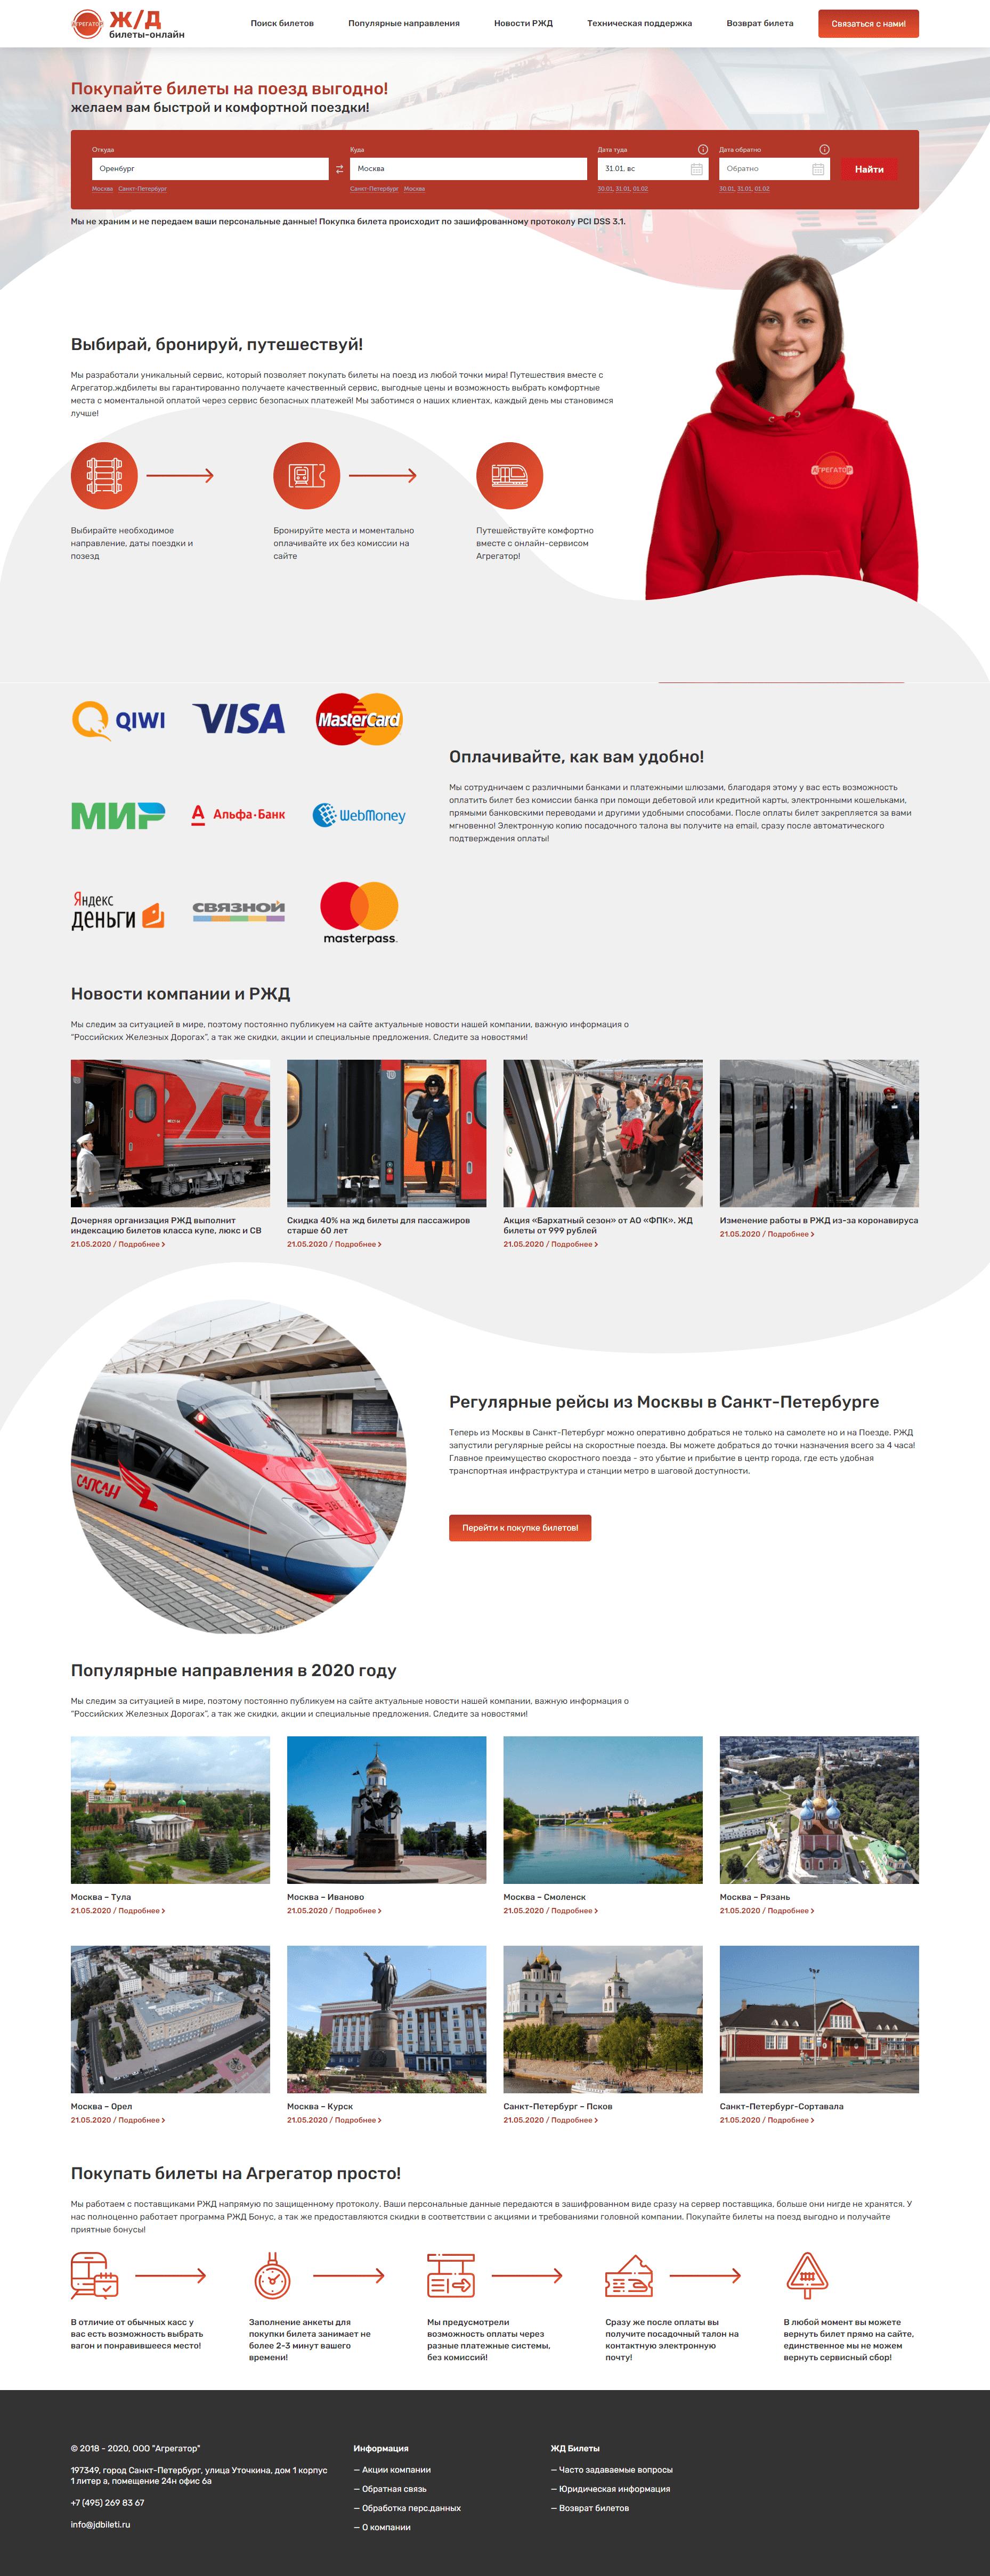 jdbileti.ru - поиск железнодорожных билетов